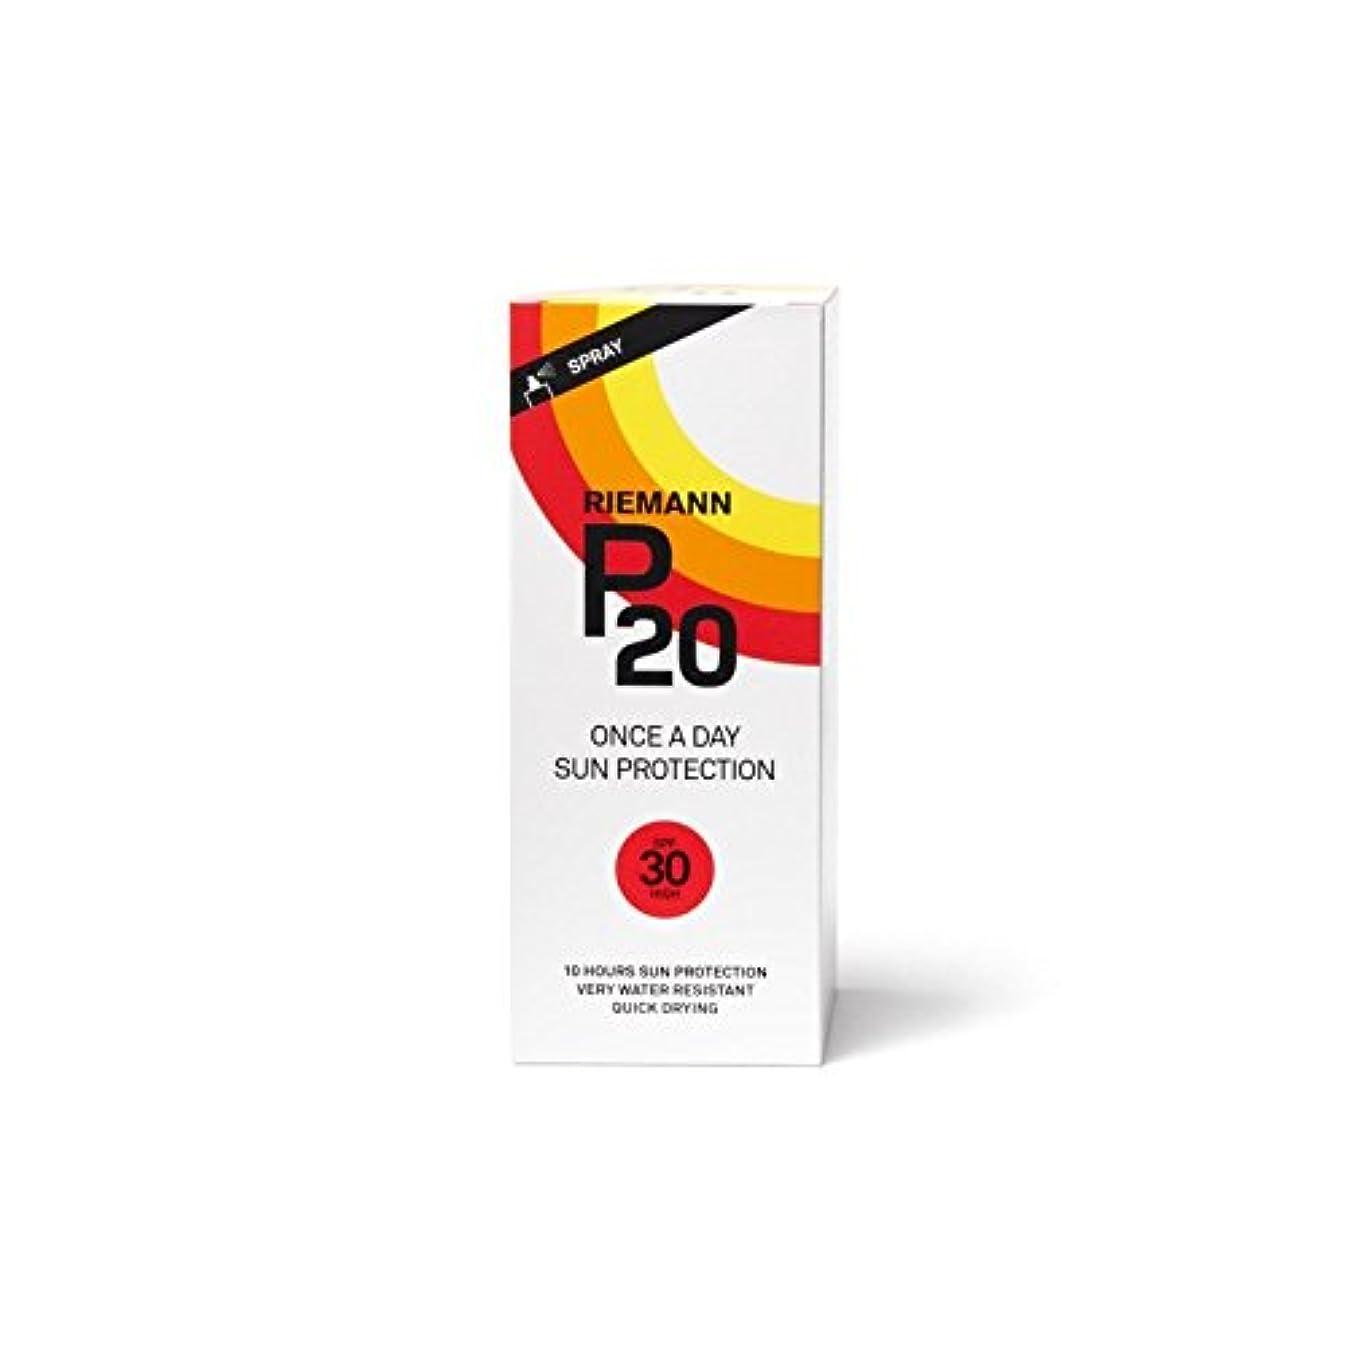 土地伝染性ミリメーターRiemann P20 Sun Filter 200ml SPF30 - リーマン20のサンフィルター200ミリリットル30 [並行輸入品]